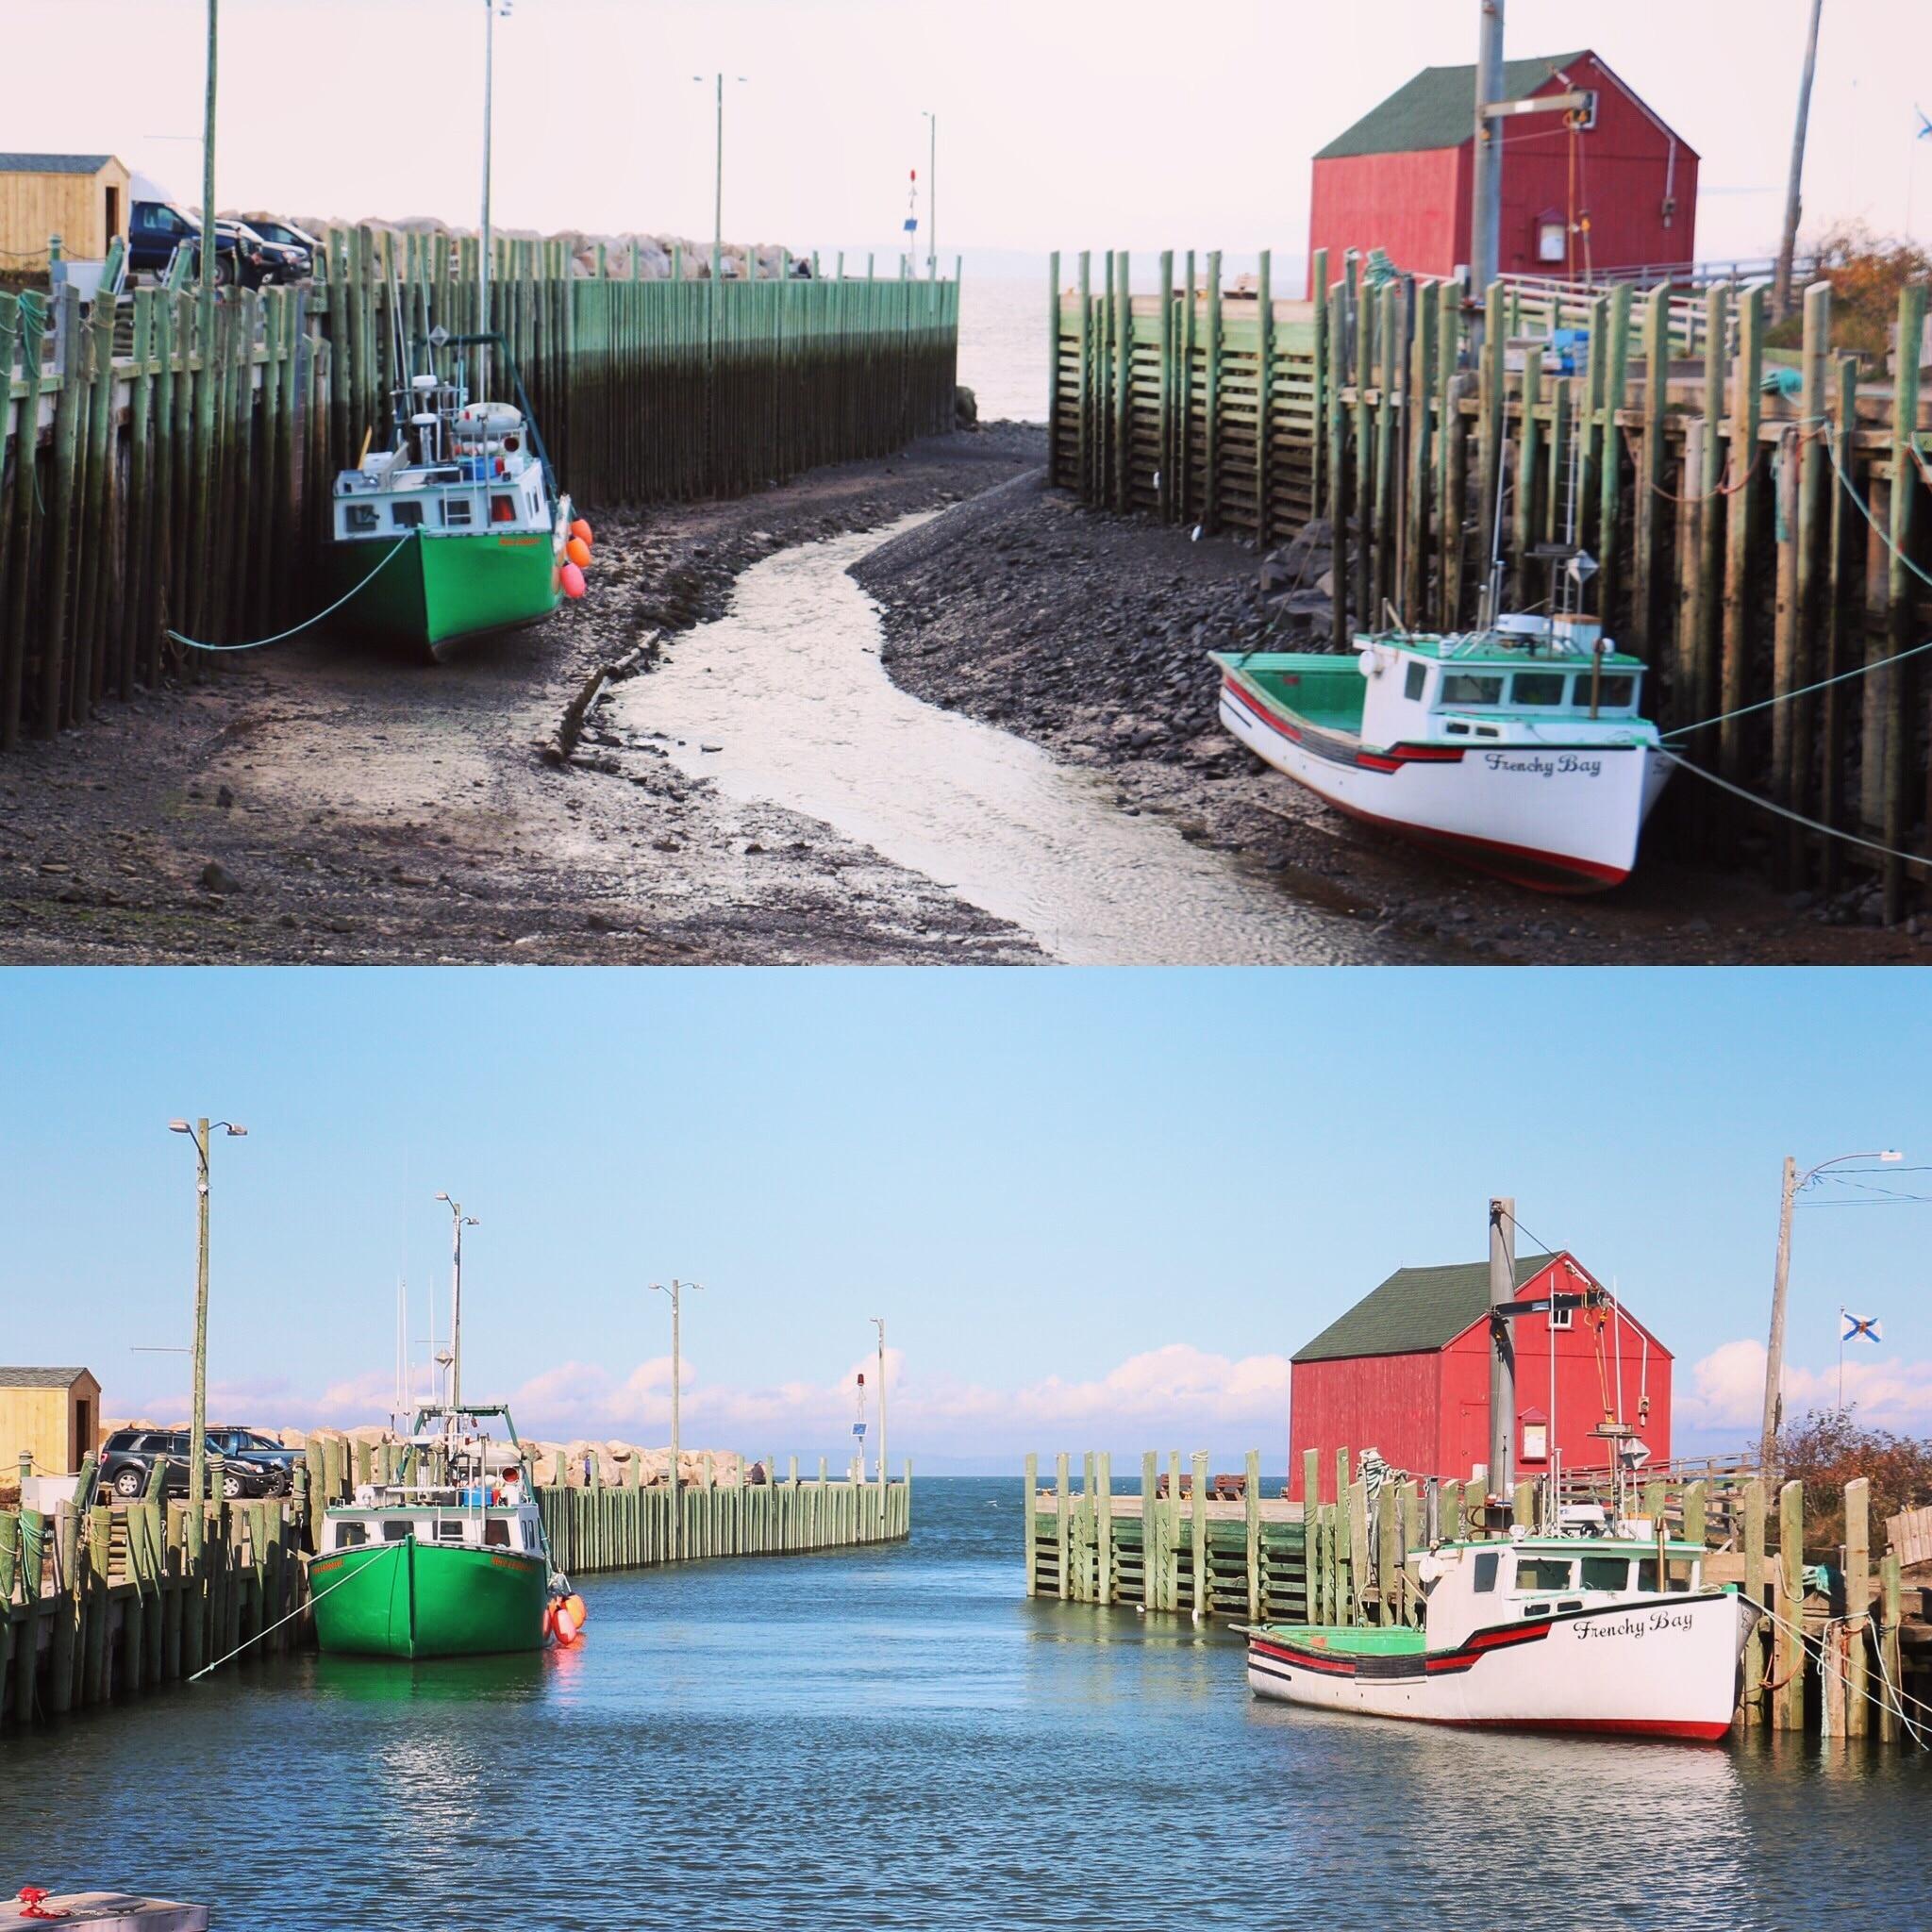 Hall's Harbour, Nova Scotia, Canada